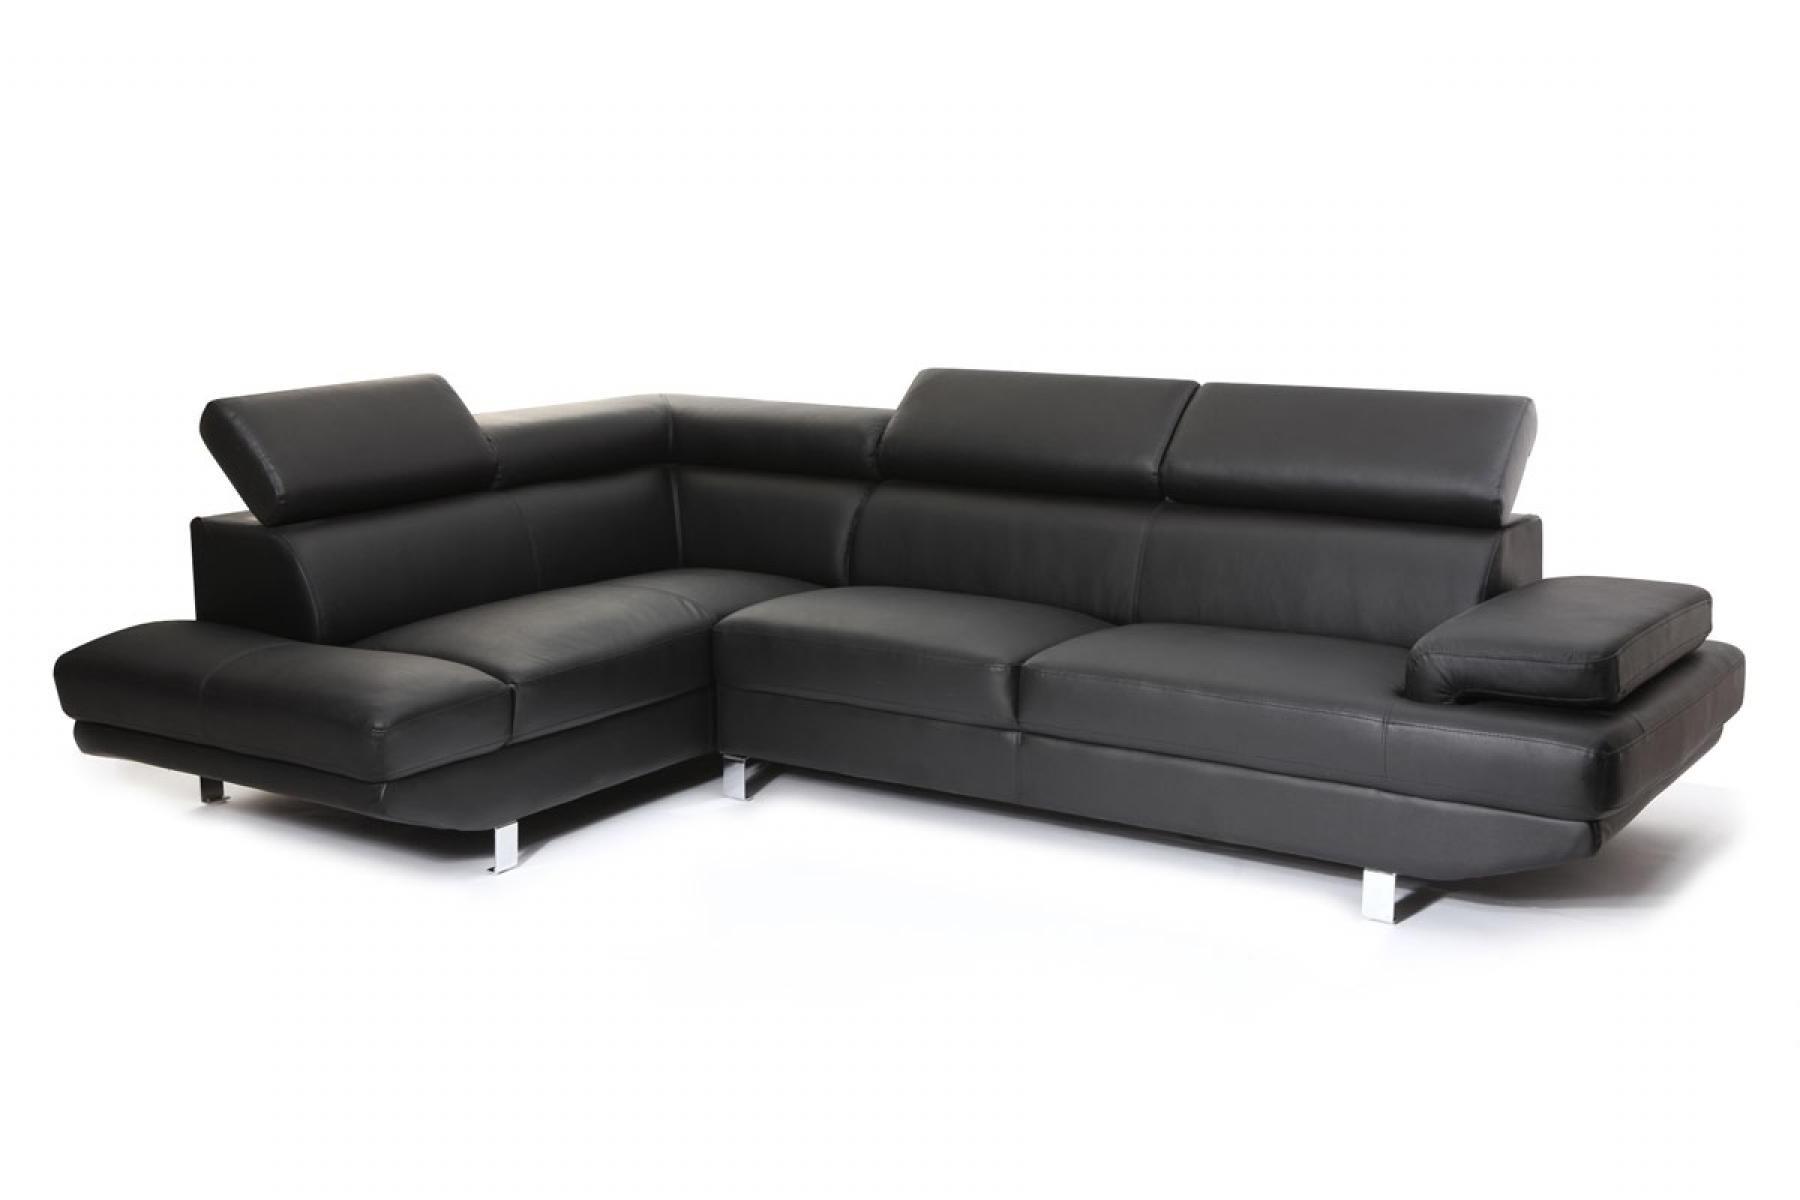 Canapé D'angle Cuir Destockage